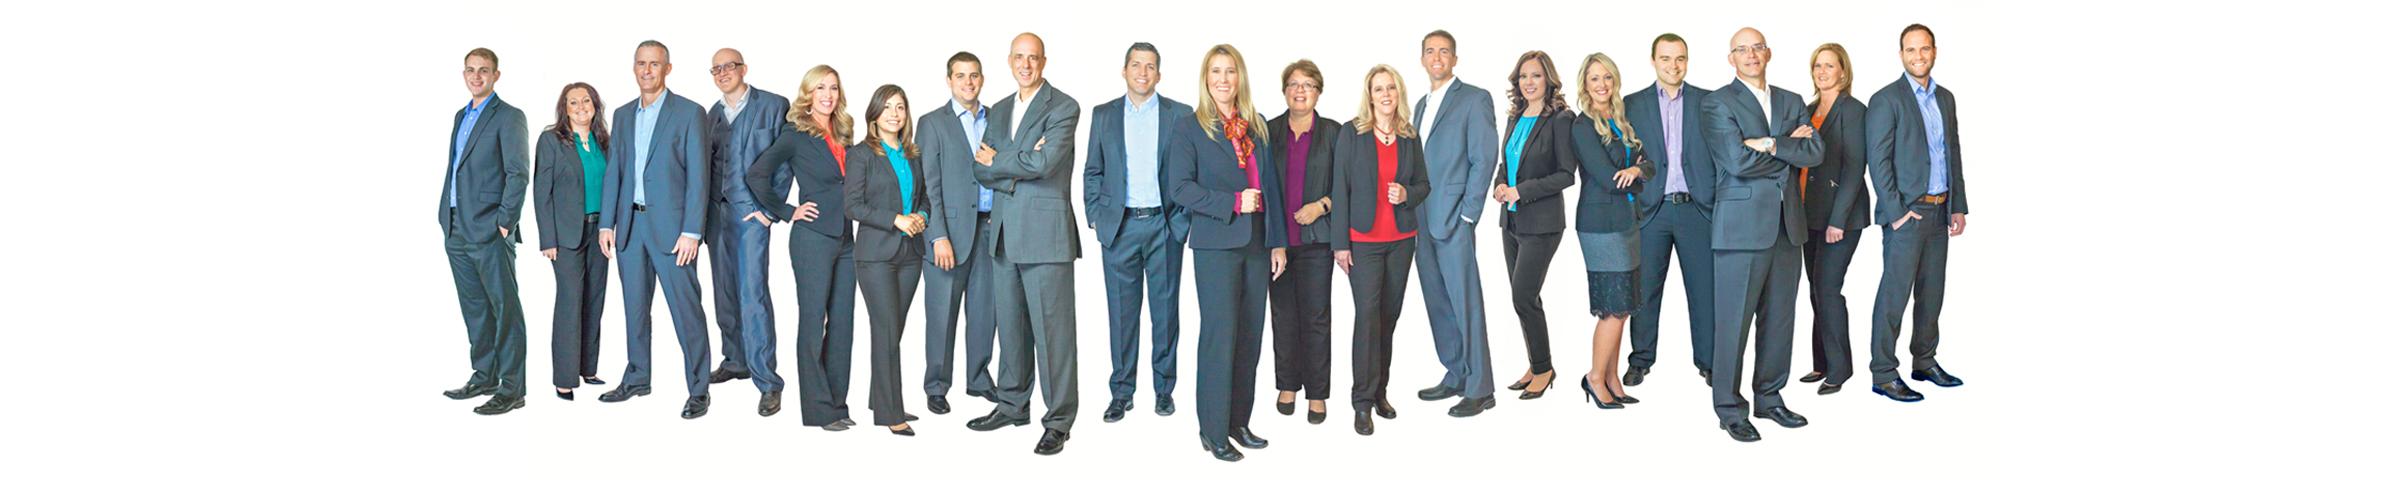 Stoker Ostler advisors standing as a group